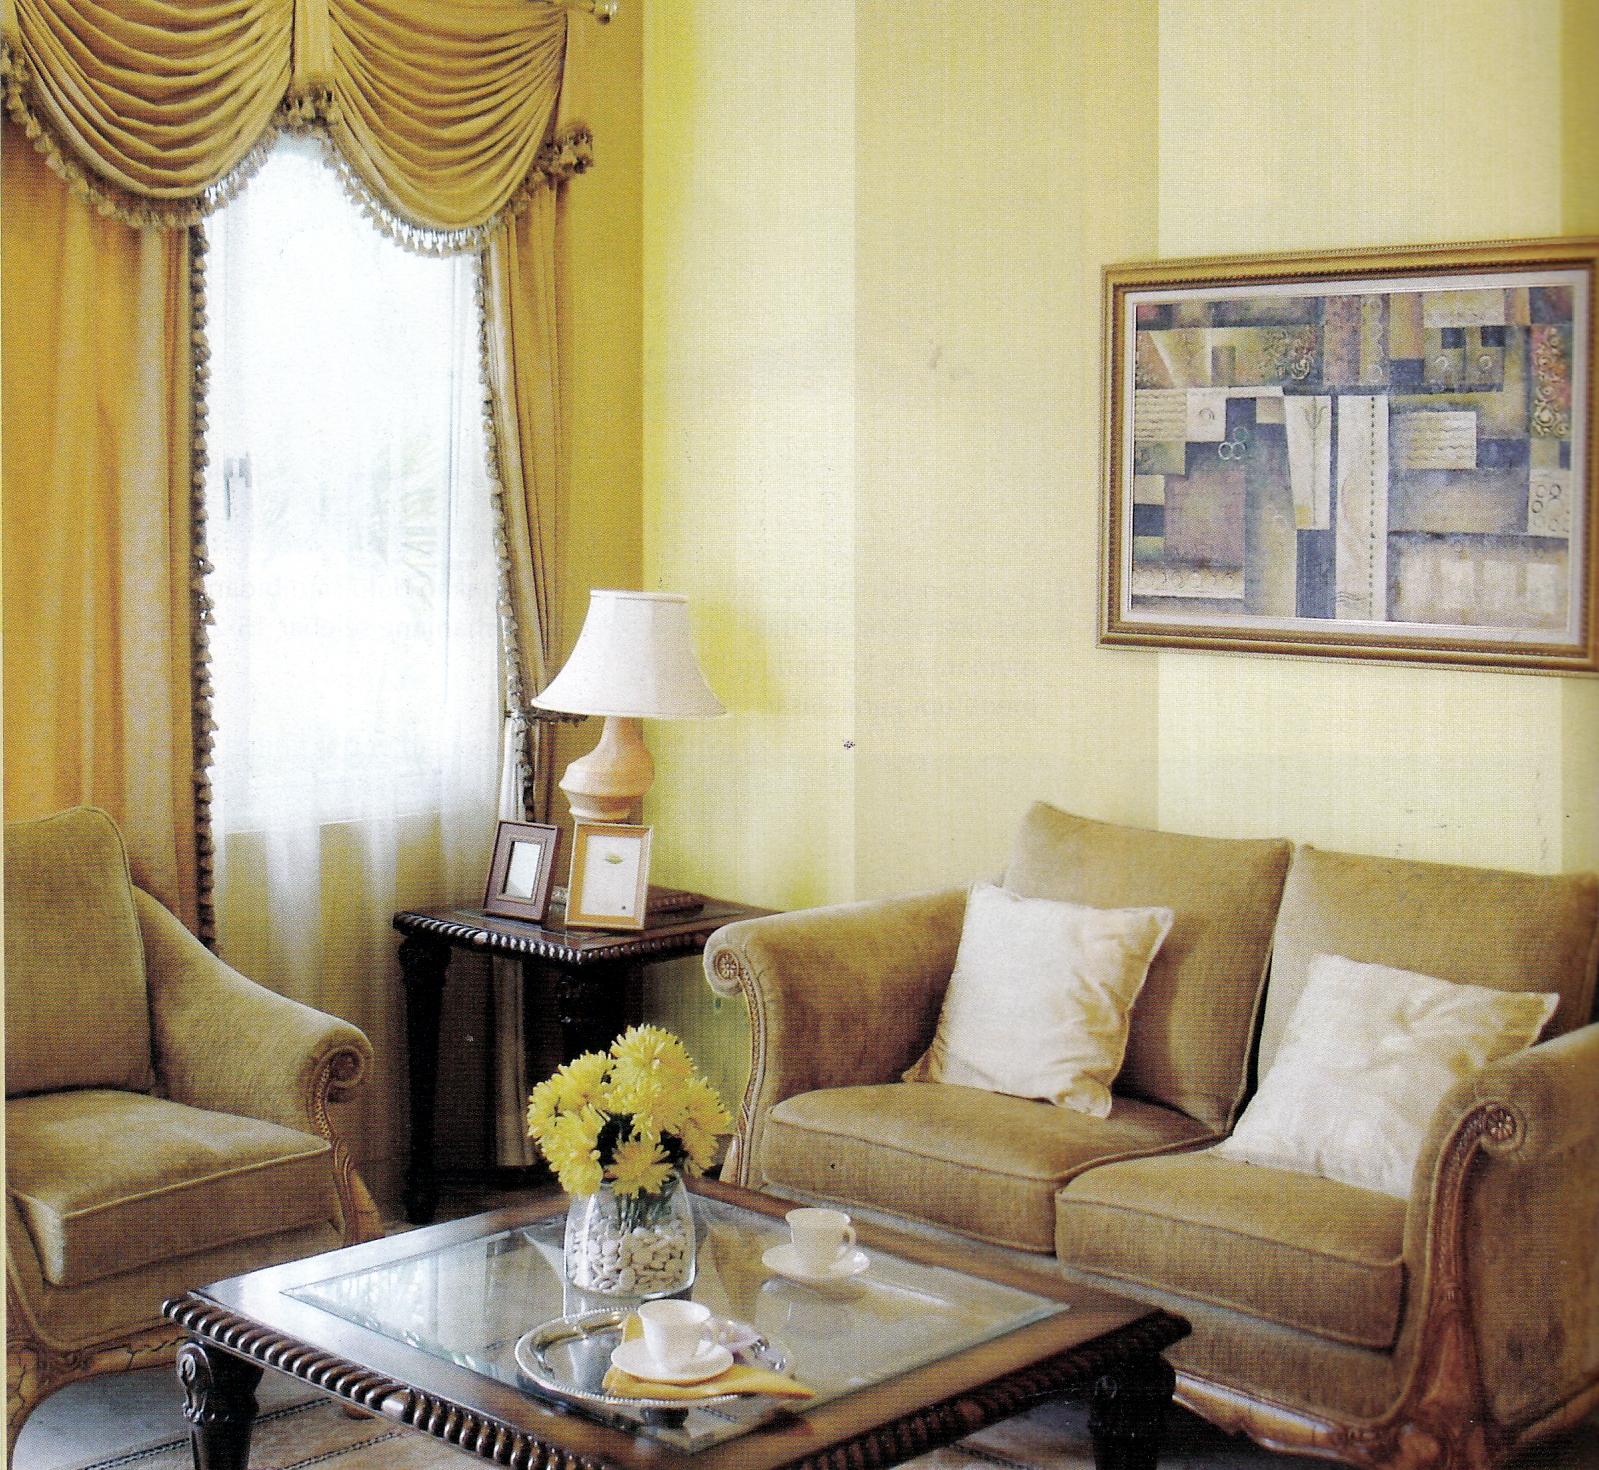 Ruang Tamu Kecil Sederhana & Tips Menata Ruang Tamu Kecil dan Sempit - Rumah